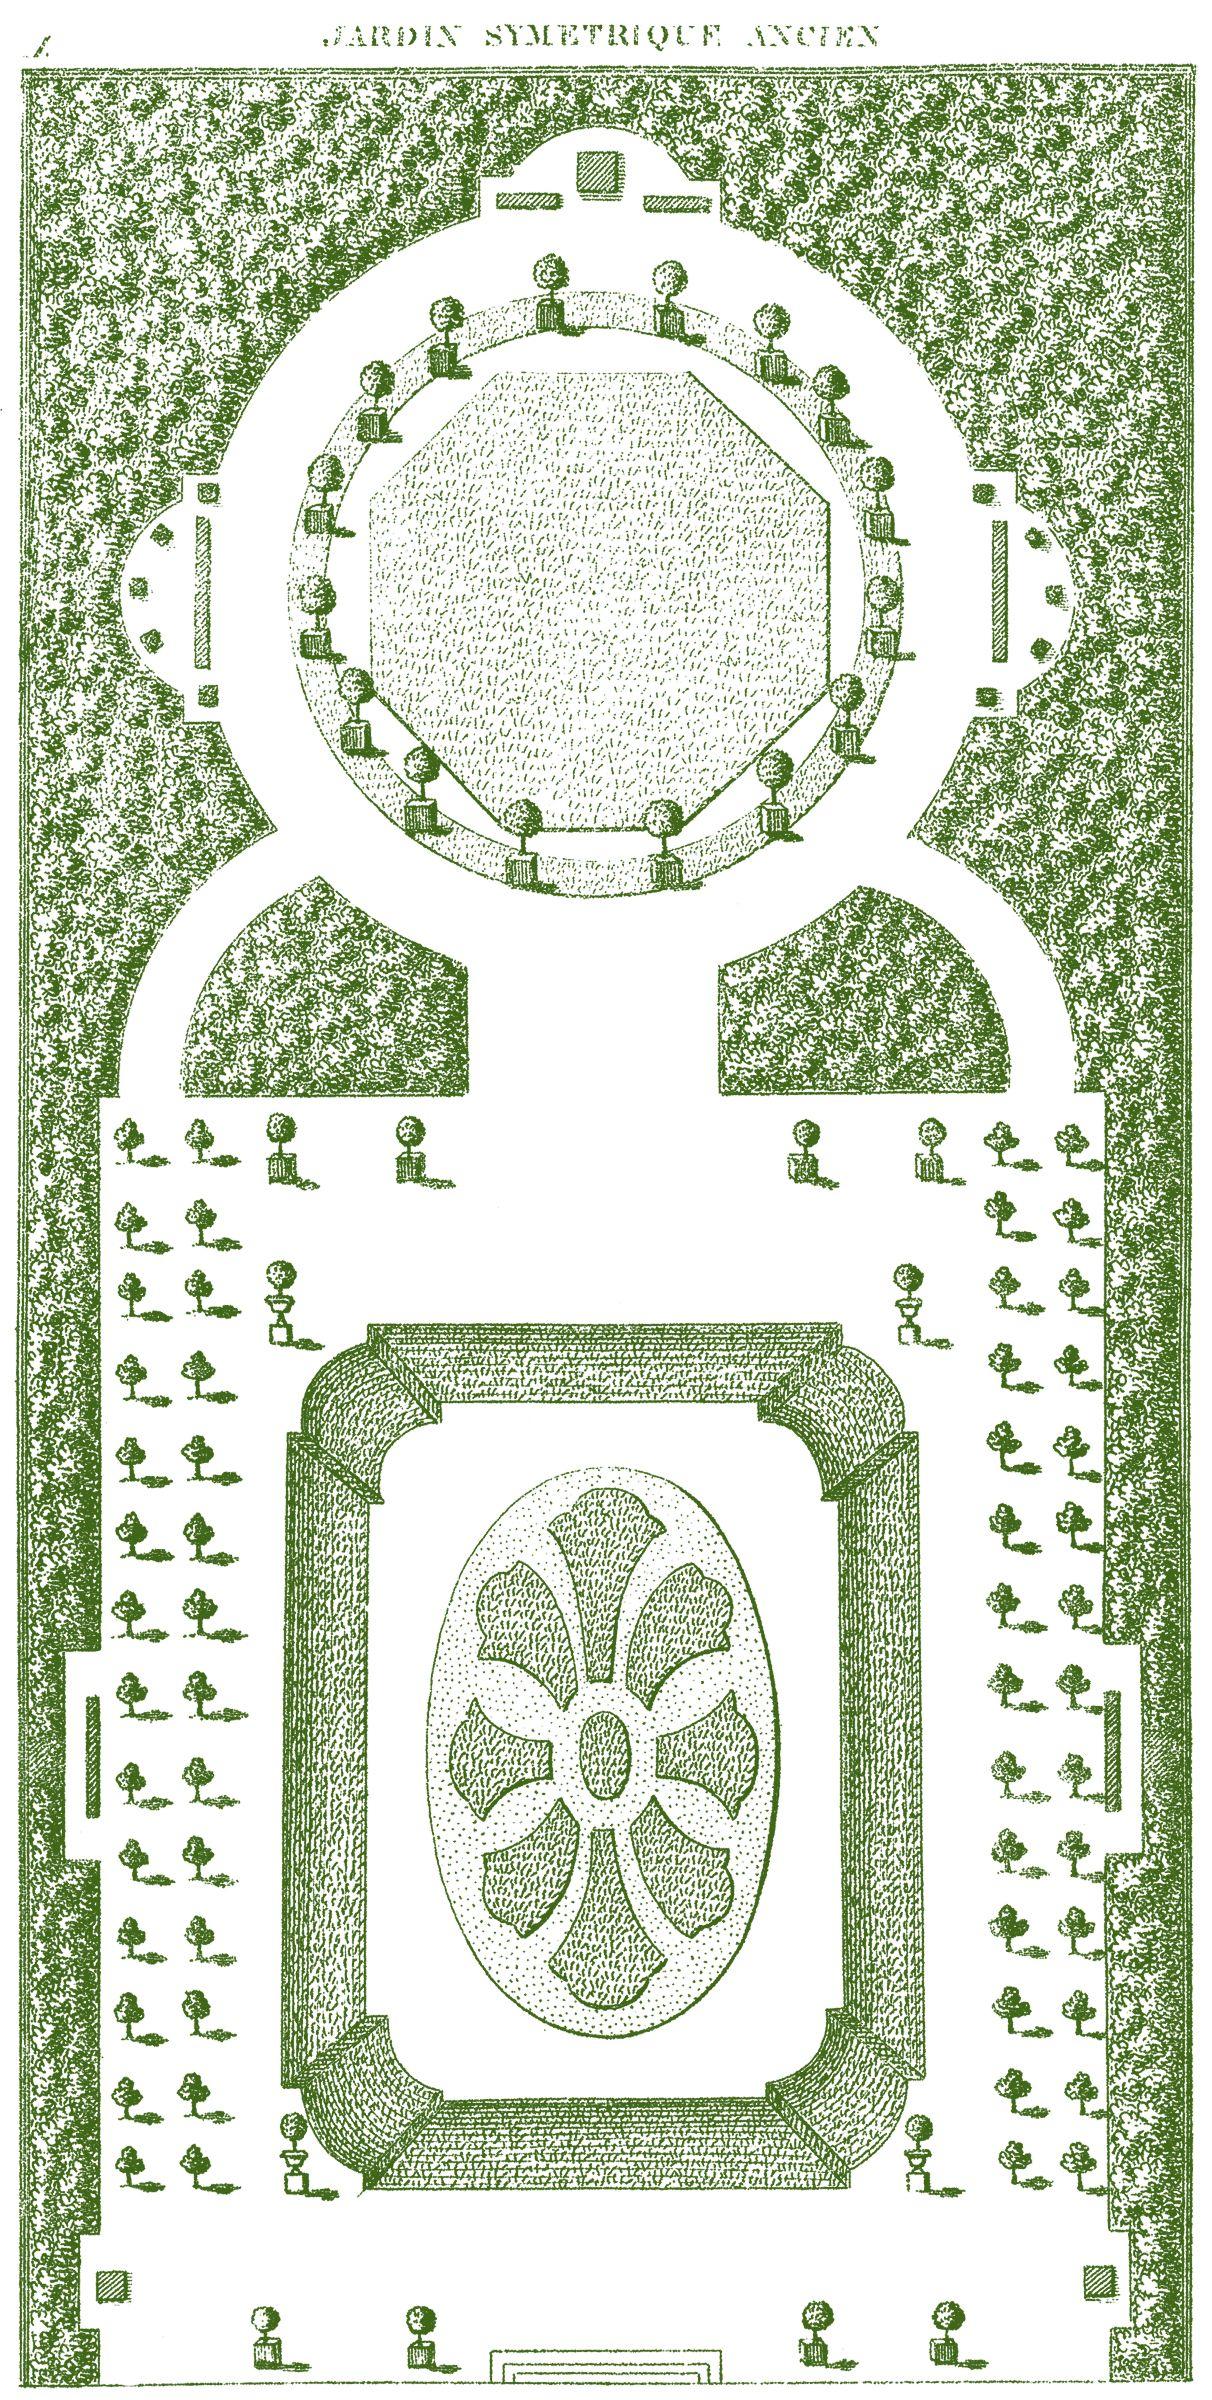 Wonderful French Garden Plan Garden Planning French Garden Vegetable Garden Planning